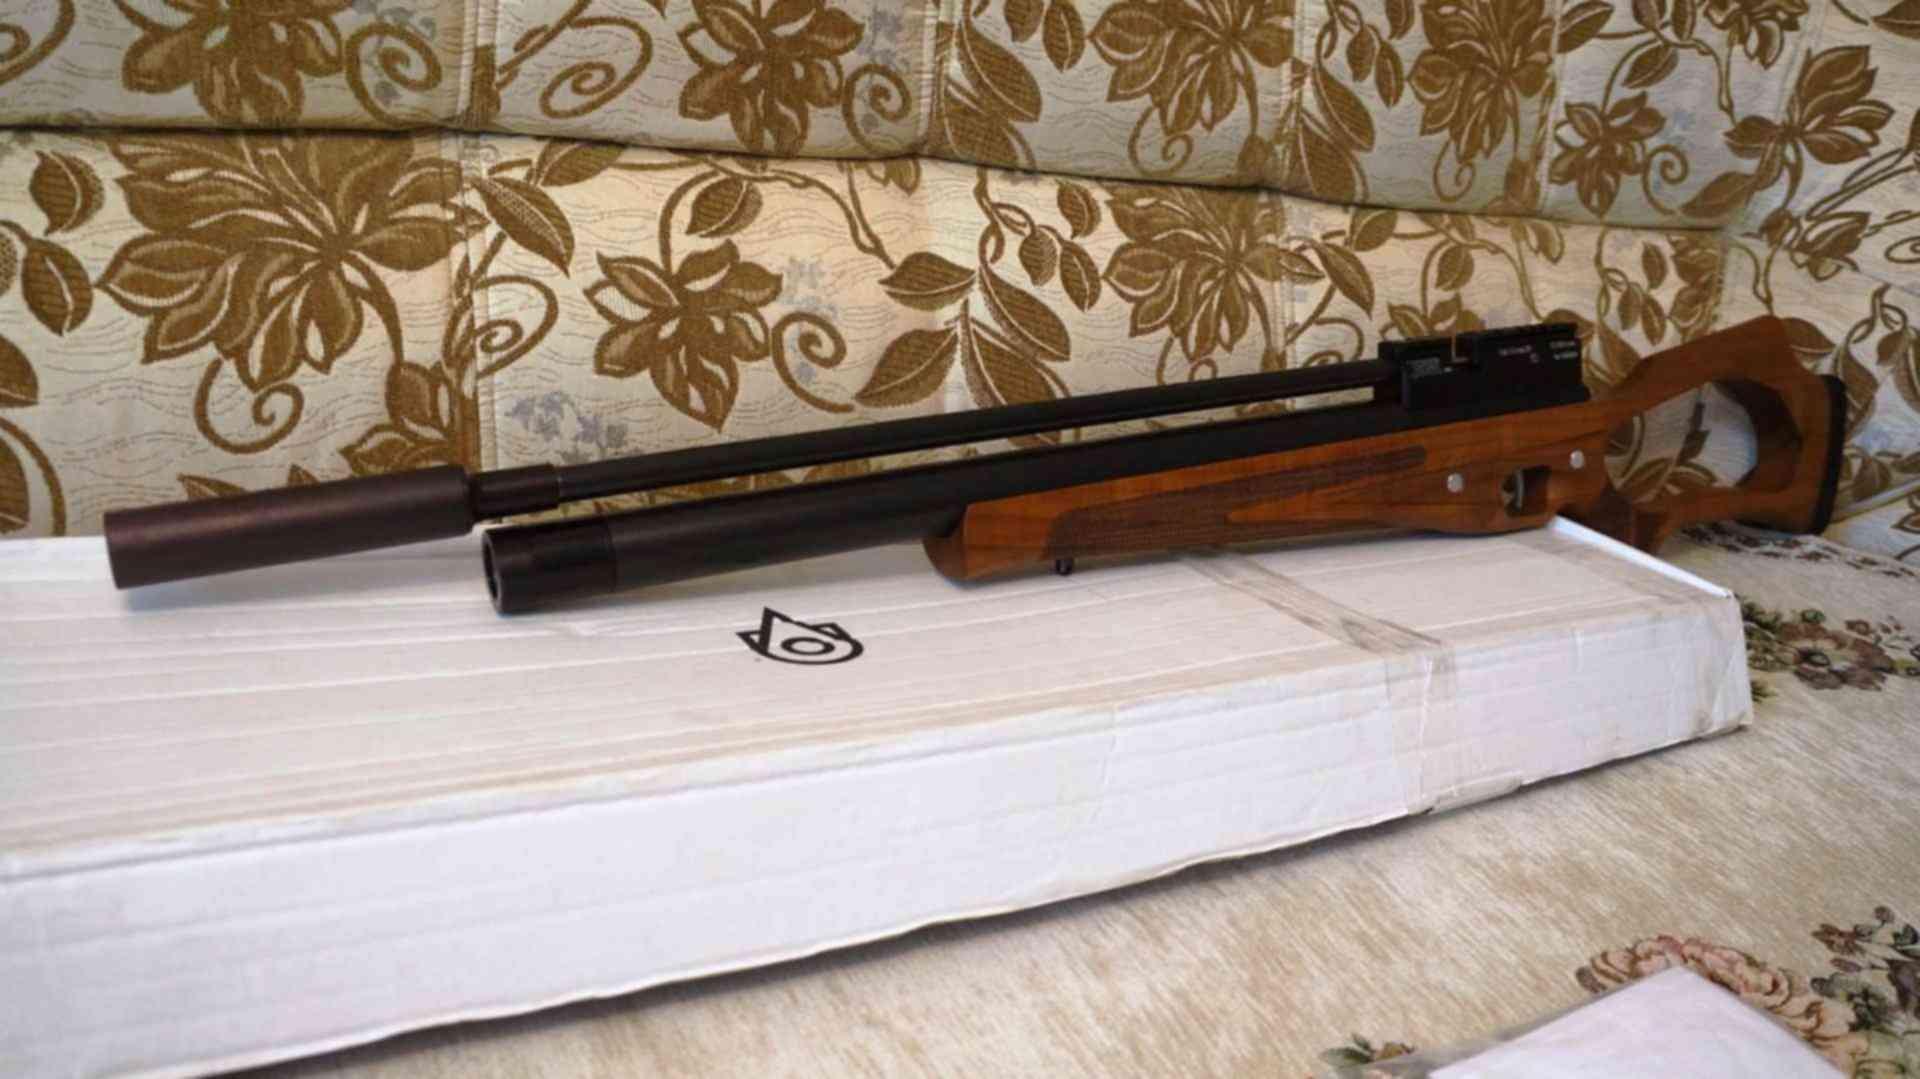 Horhe-Jager (Егерь) SP (полигональная нарезка ствола) 5,5 мм